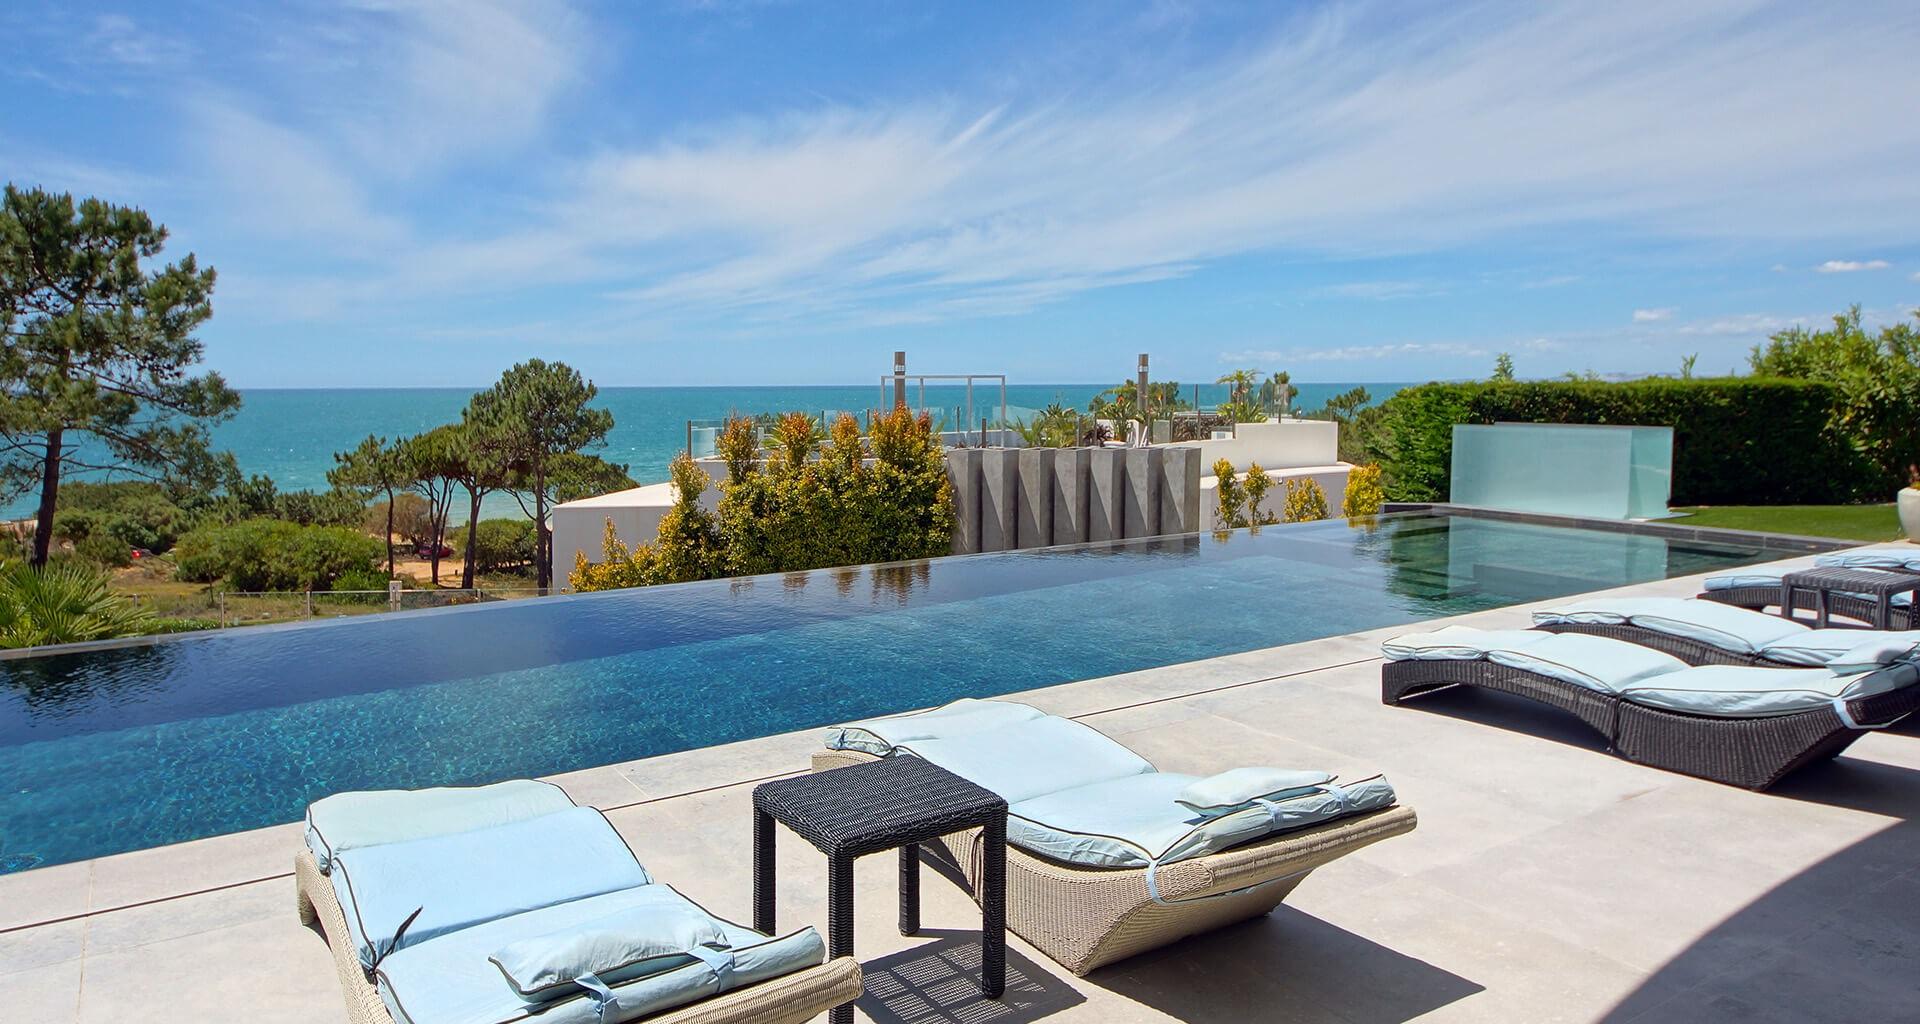 Algarve Image Gallery